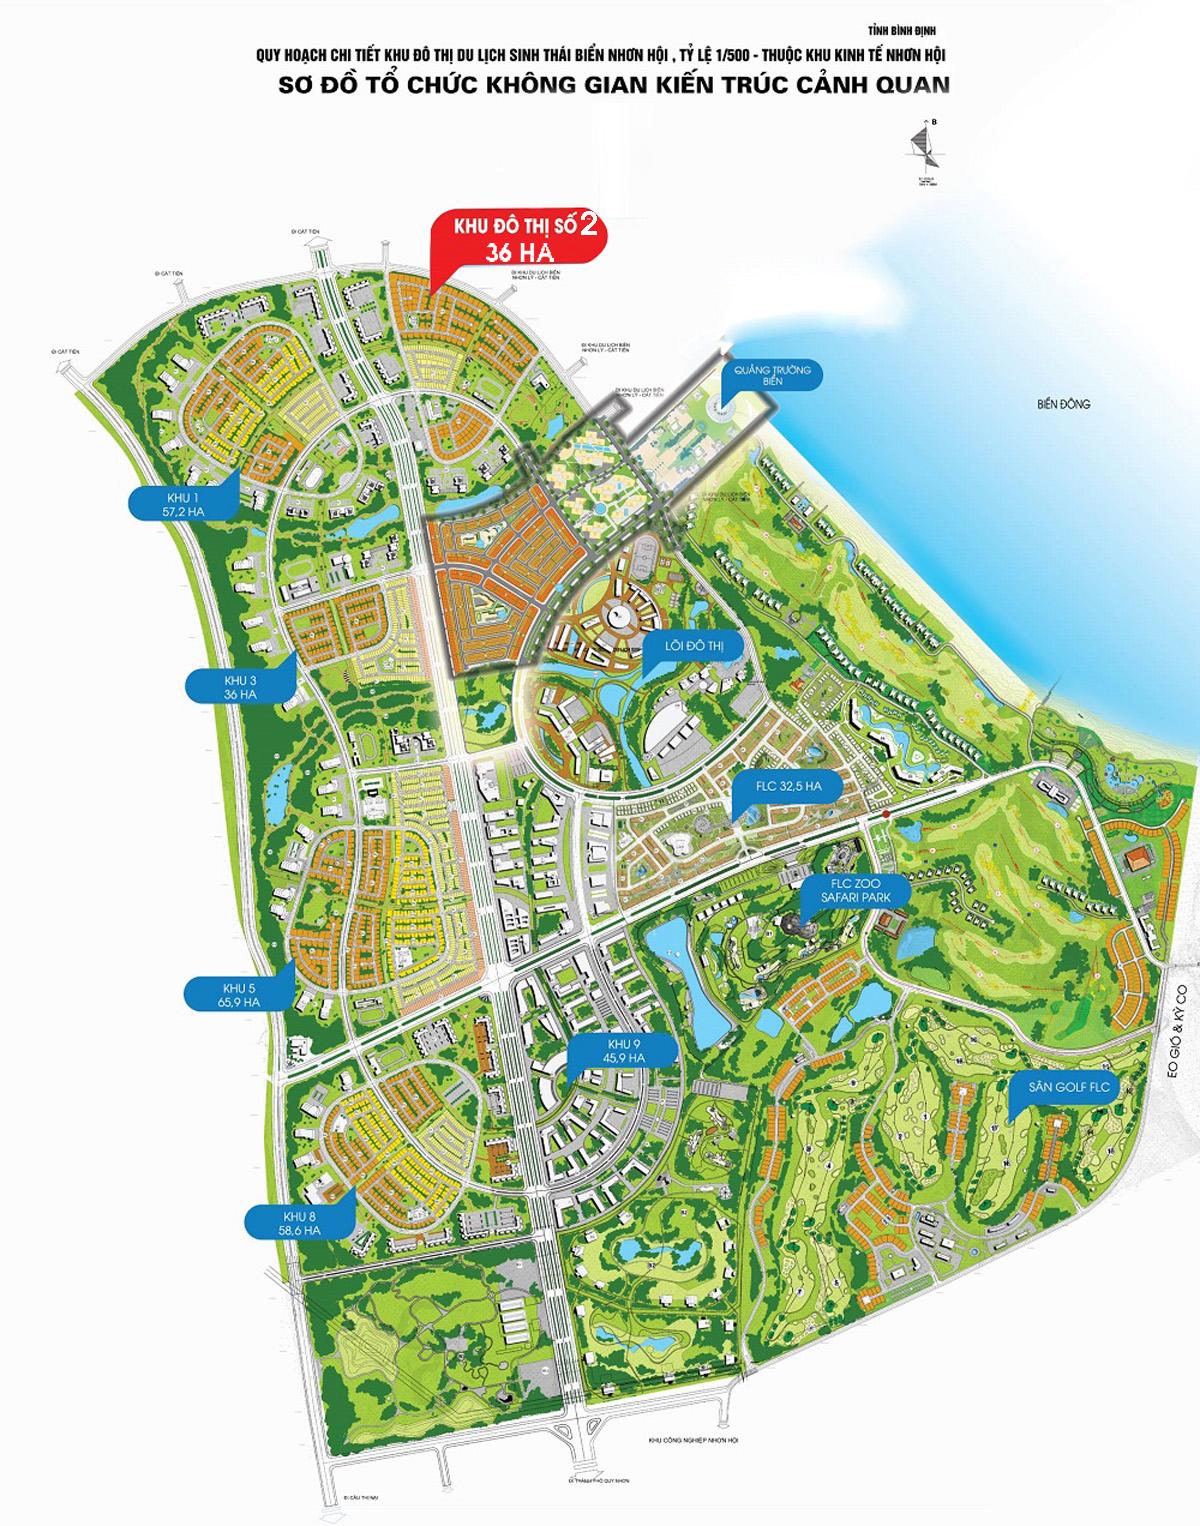 Bản đồ vị trí NHƠN HỘI NEW CITY